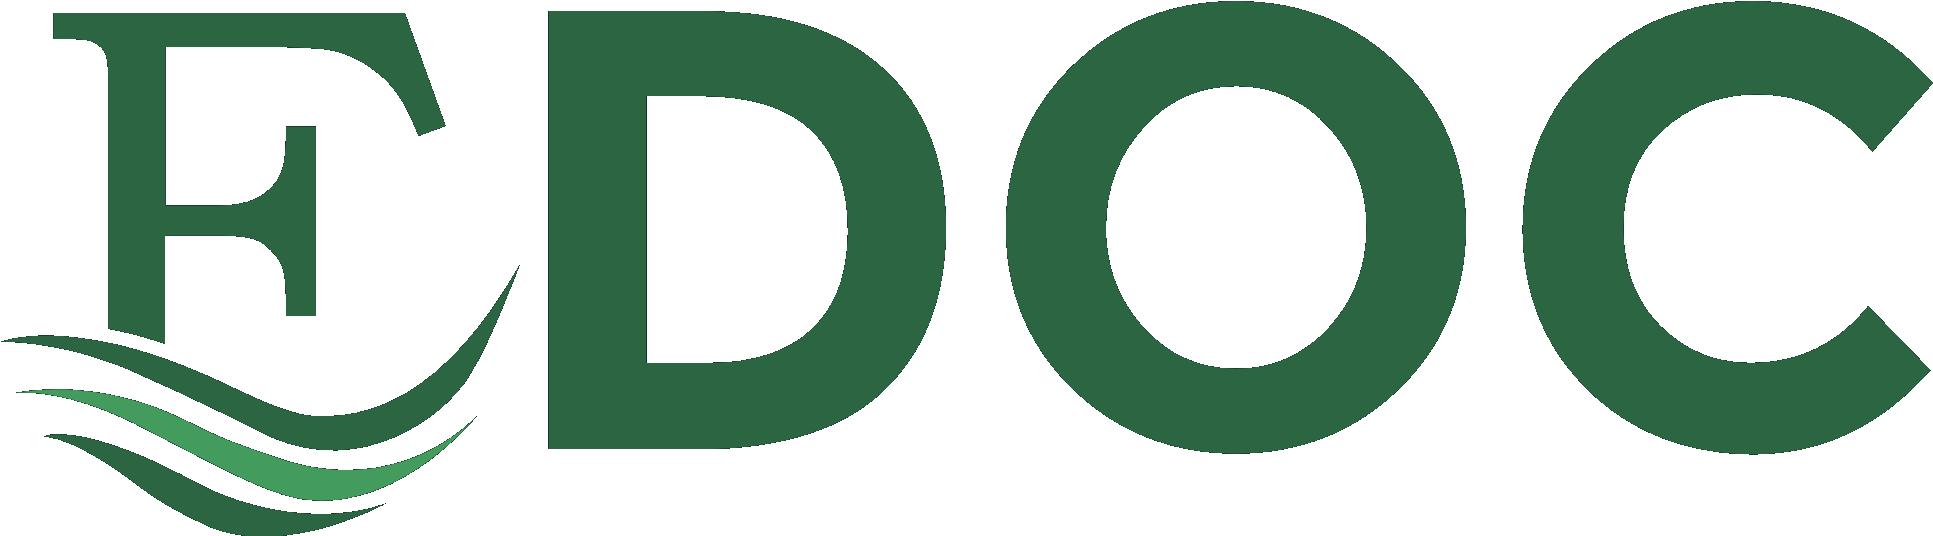 fejbetegség és látás